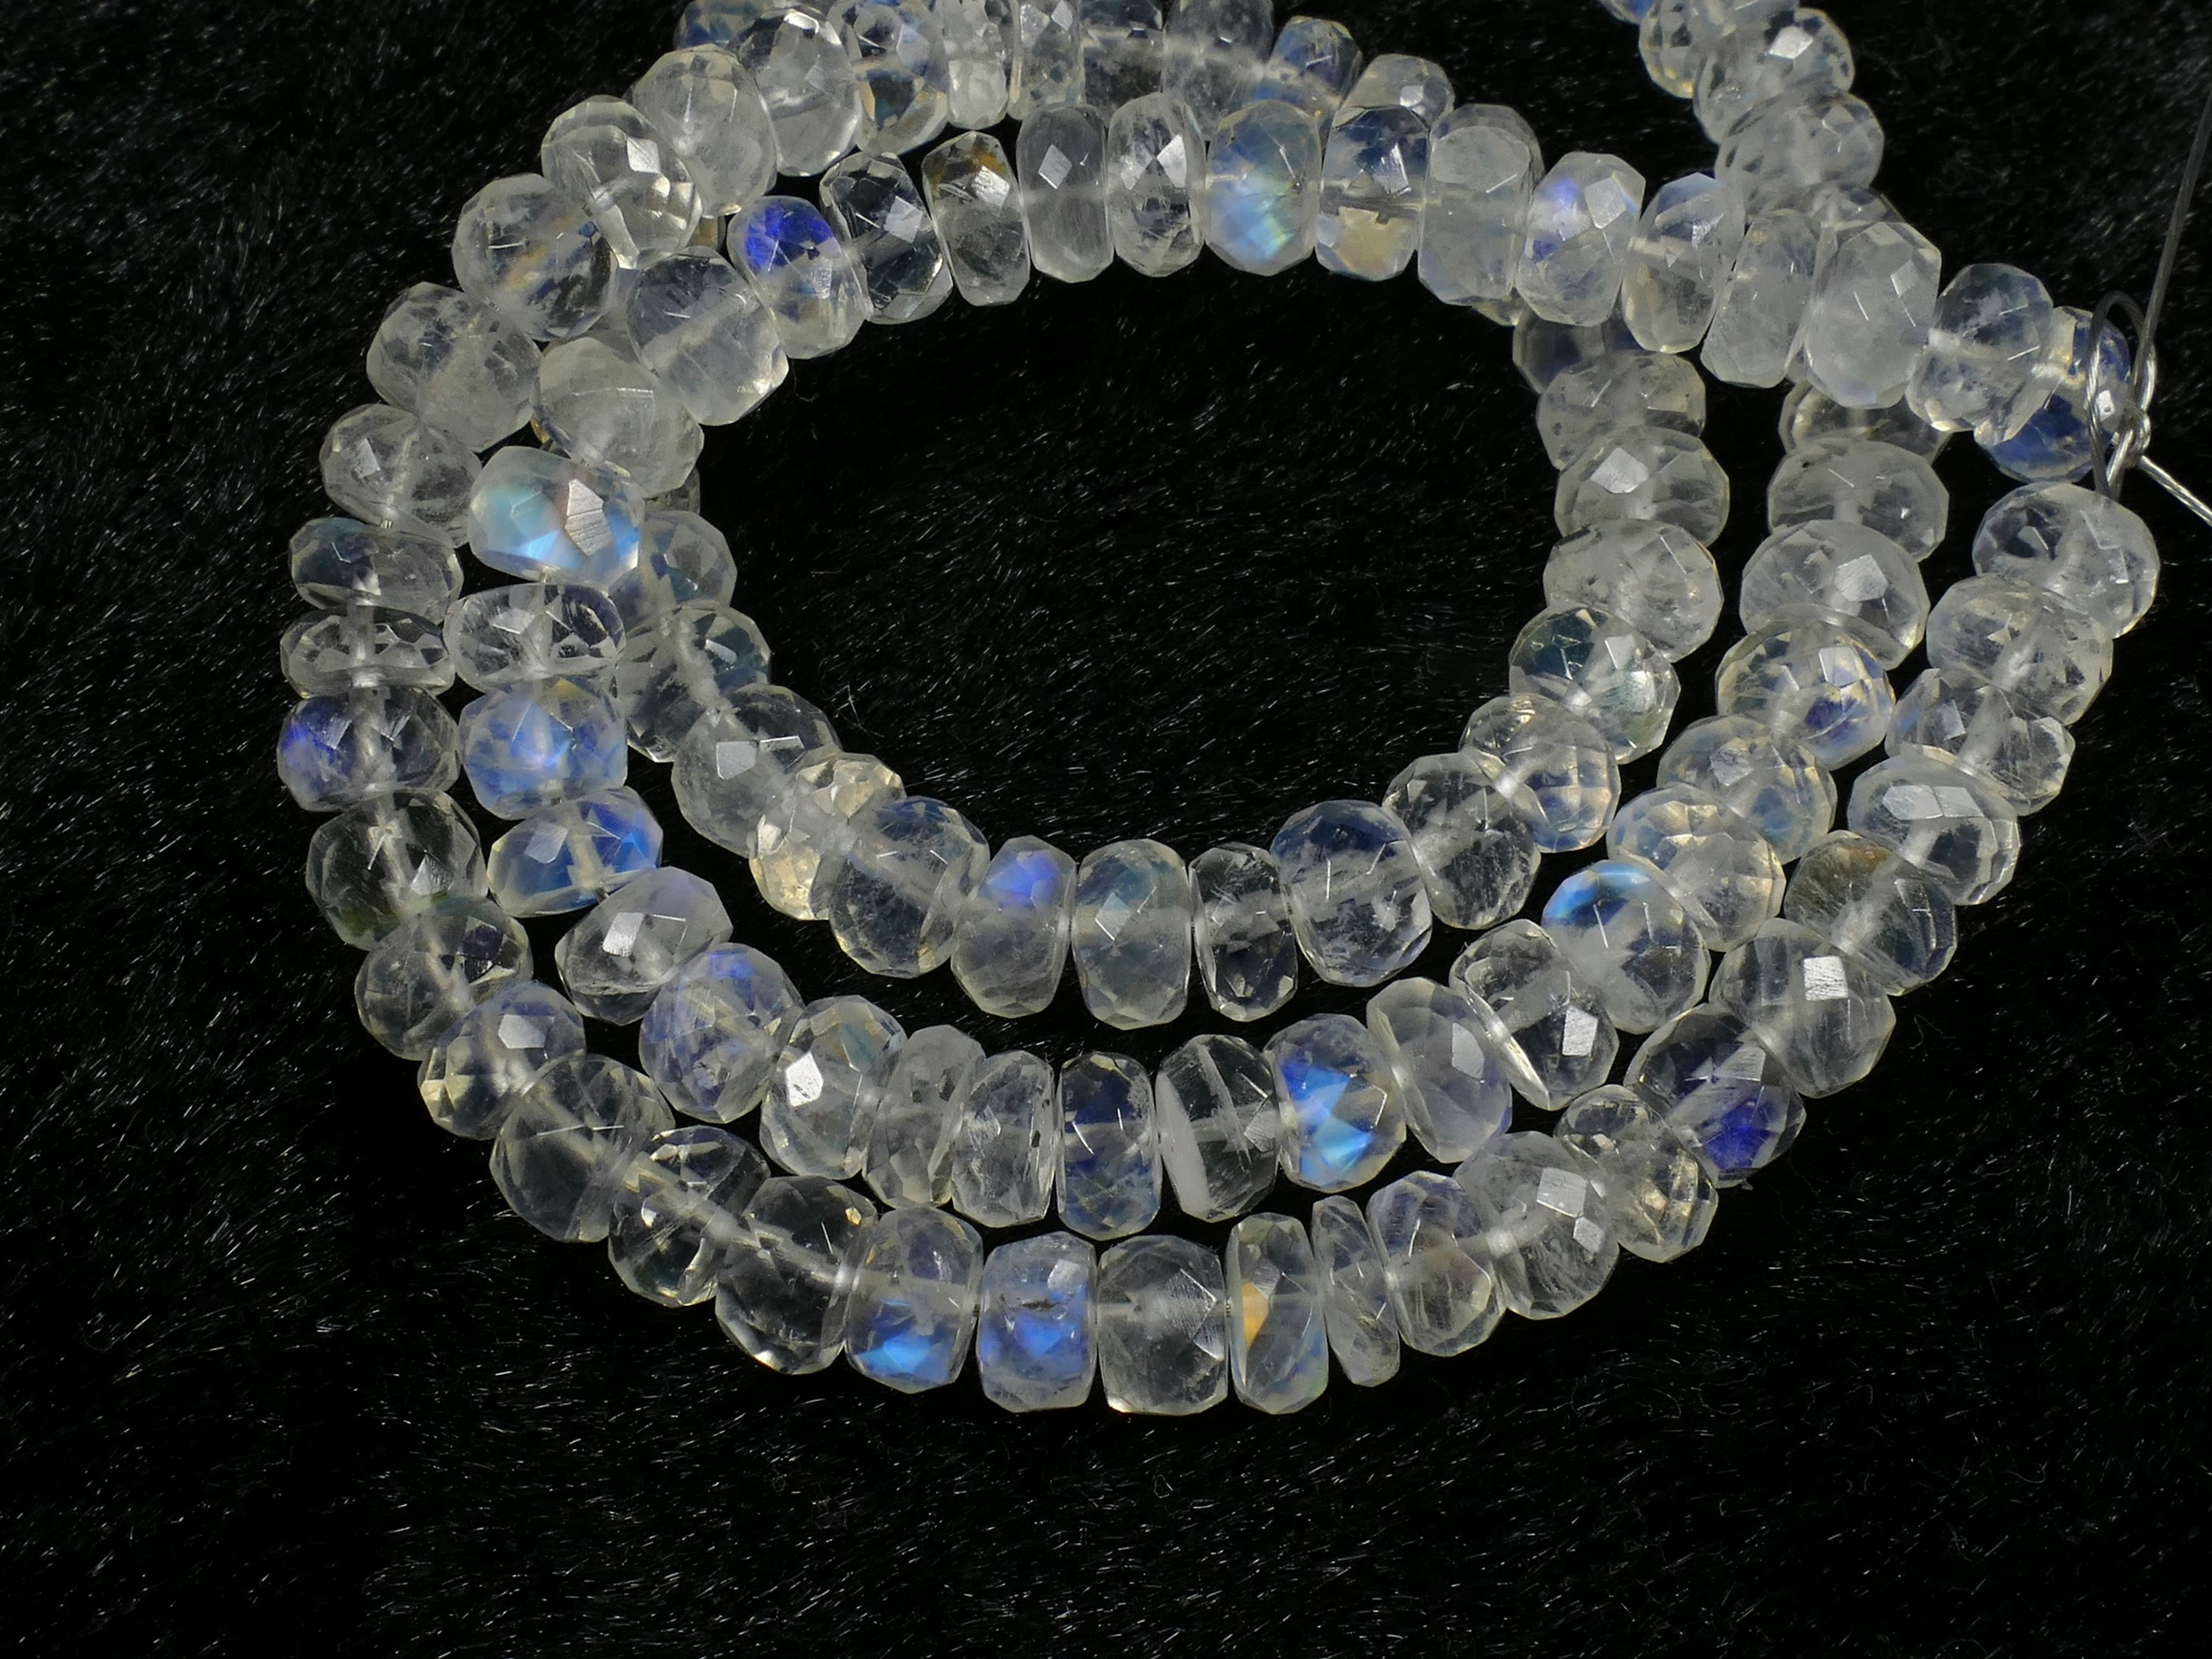 5.6/5.2mm x8pc Perles de Pierre de lune naturelle arc-en-ciel précieuse rondelle facettée (#AC453)